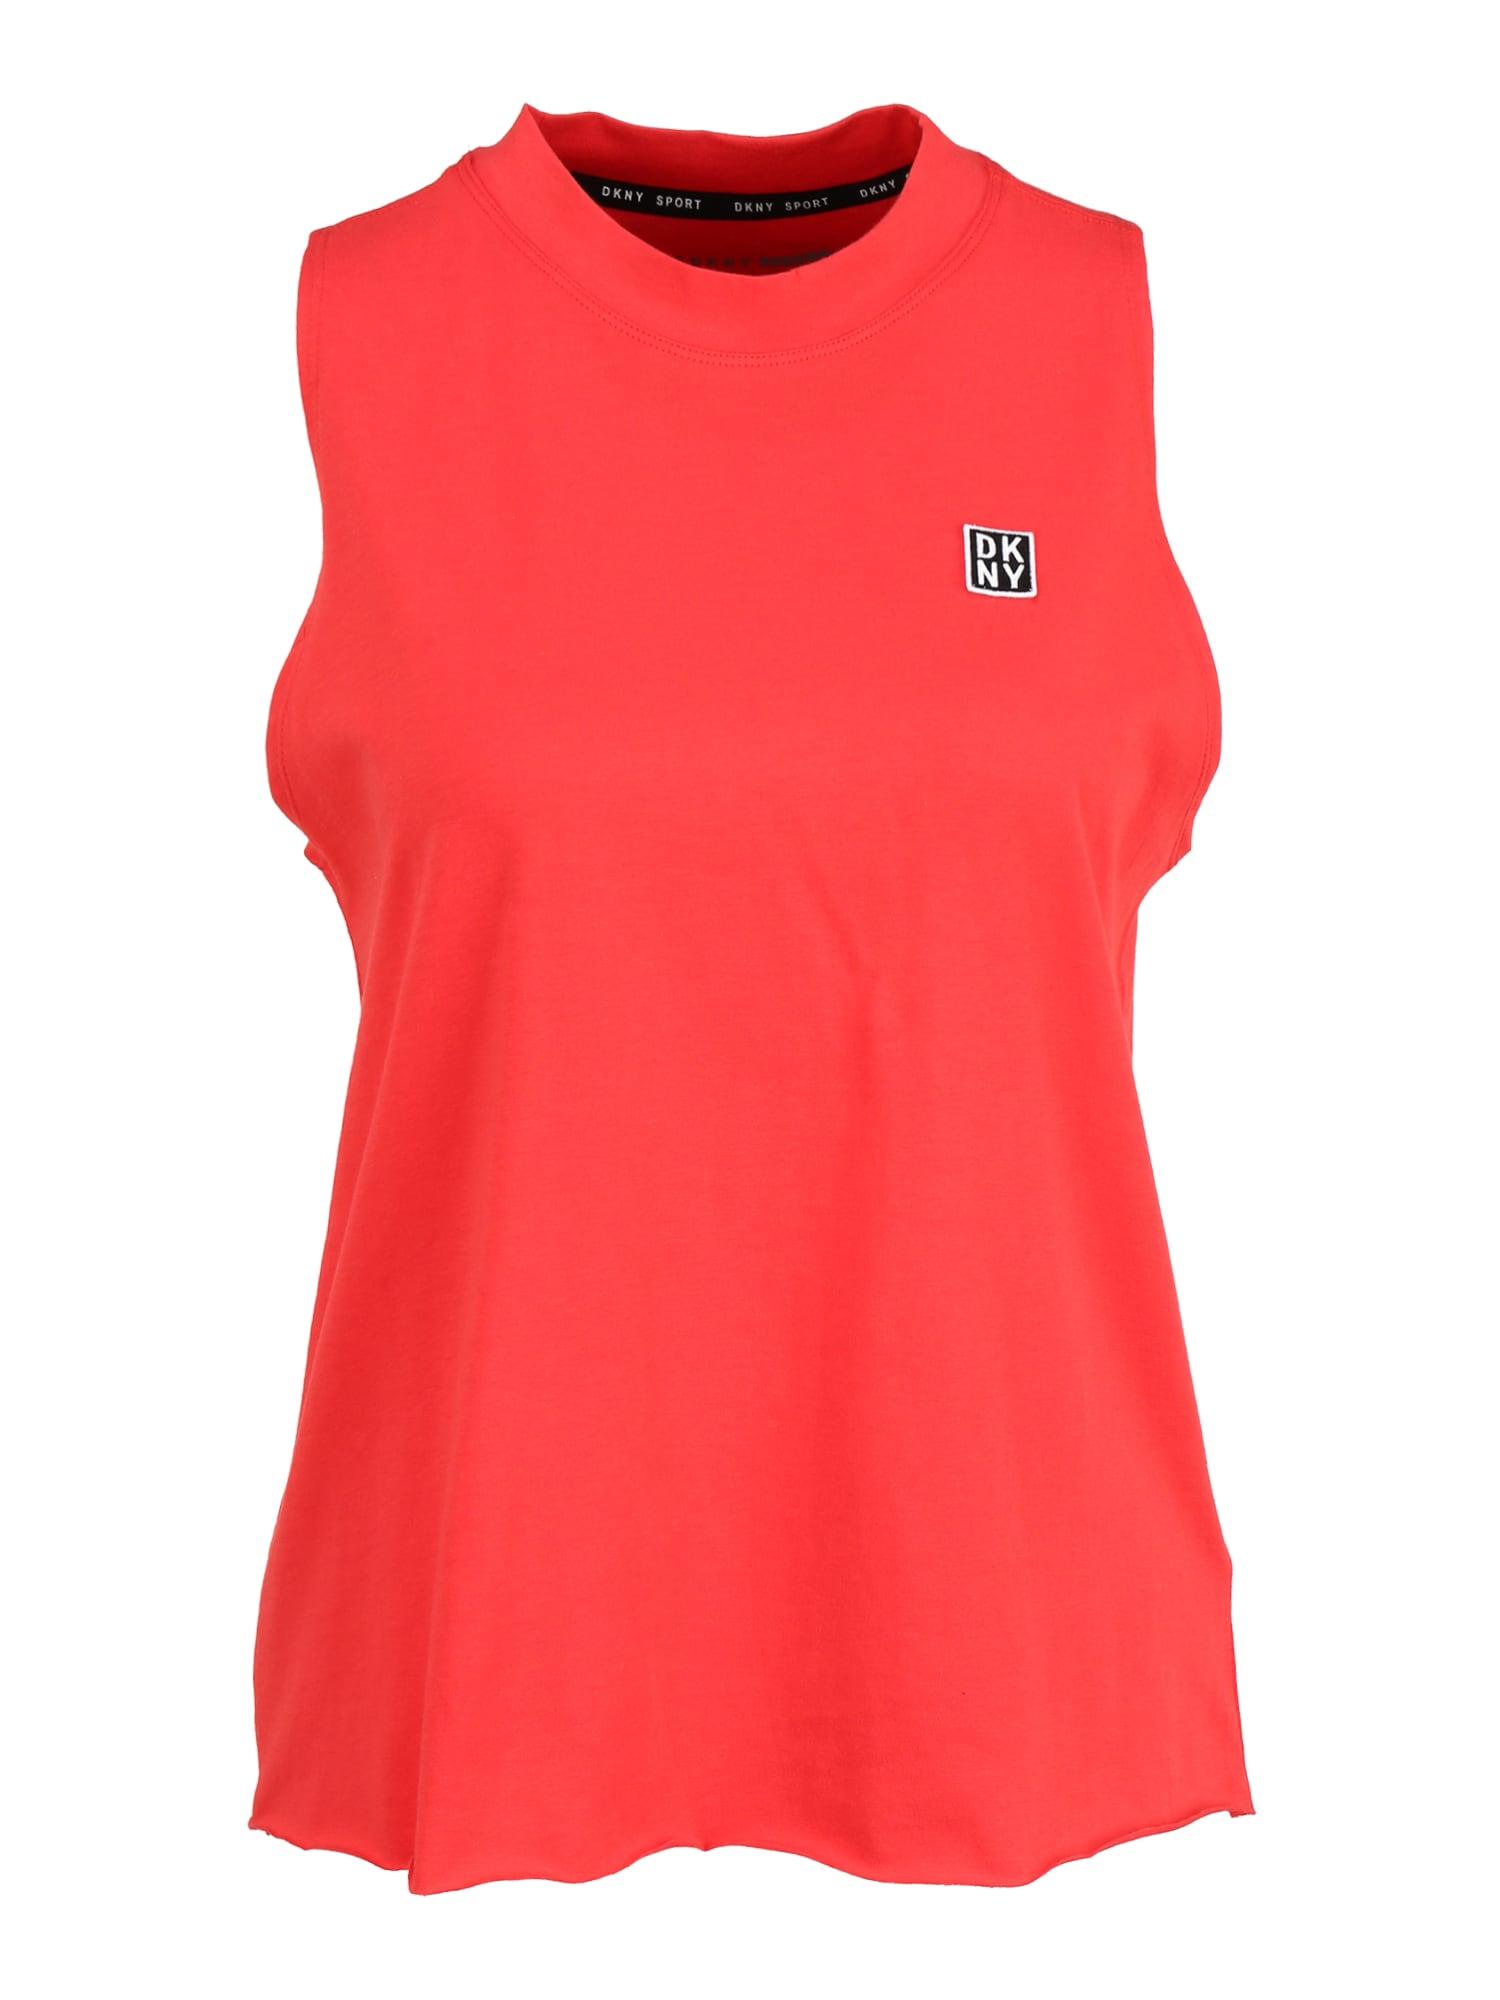 DKNY Sport Sportiniai marškinėliai be rankovių juoda / raudona